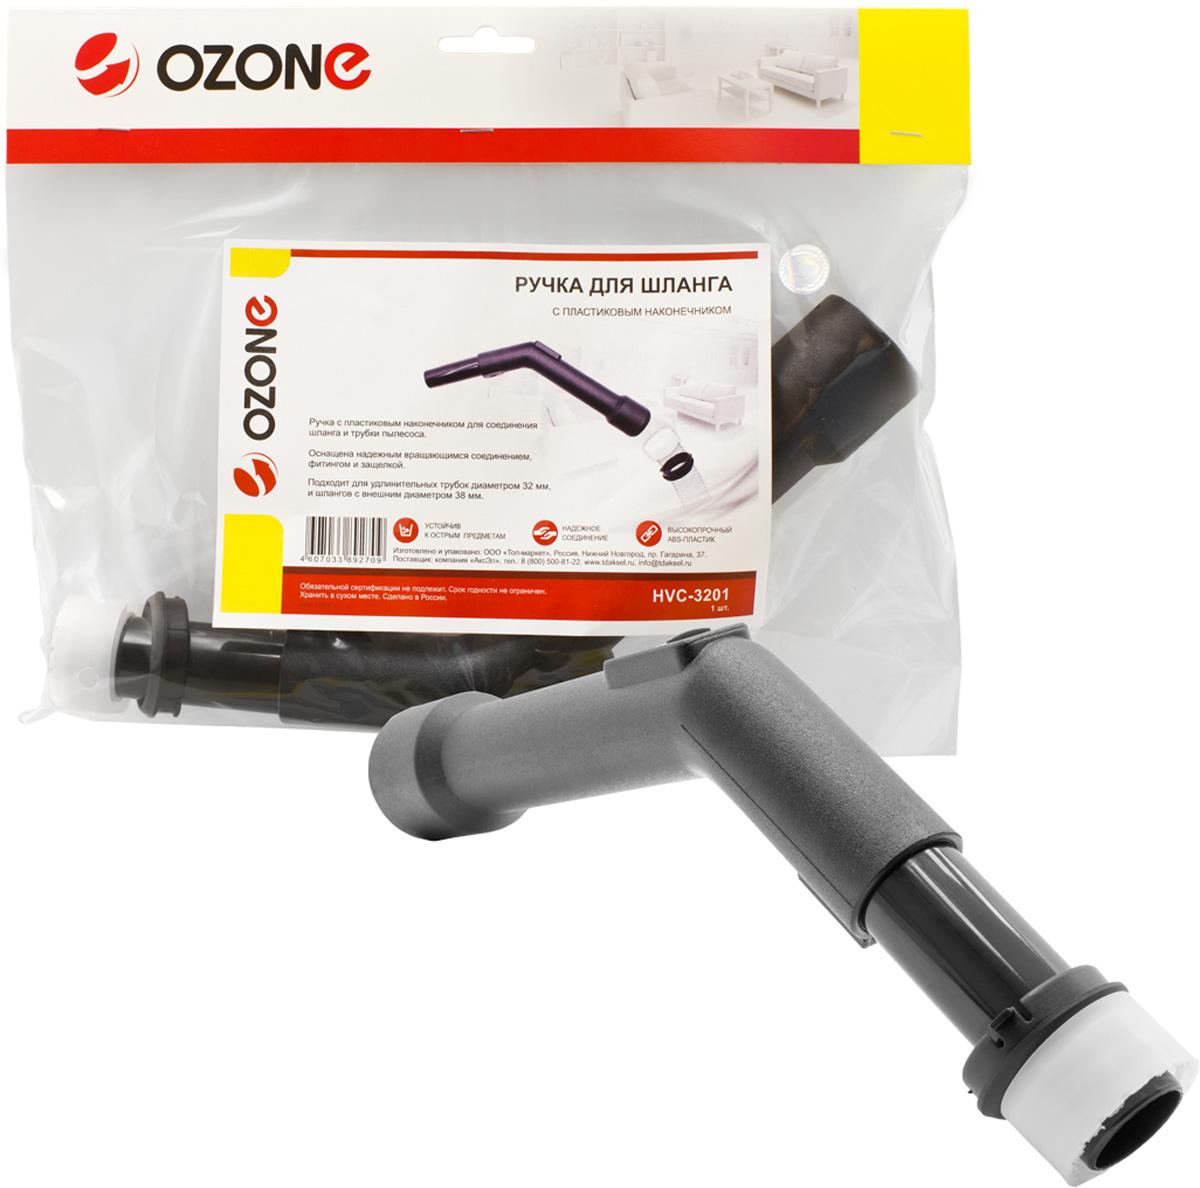 Ozone HVC-3201 ручка для шланга пылесоса цены